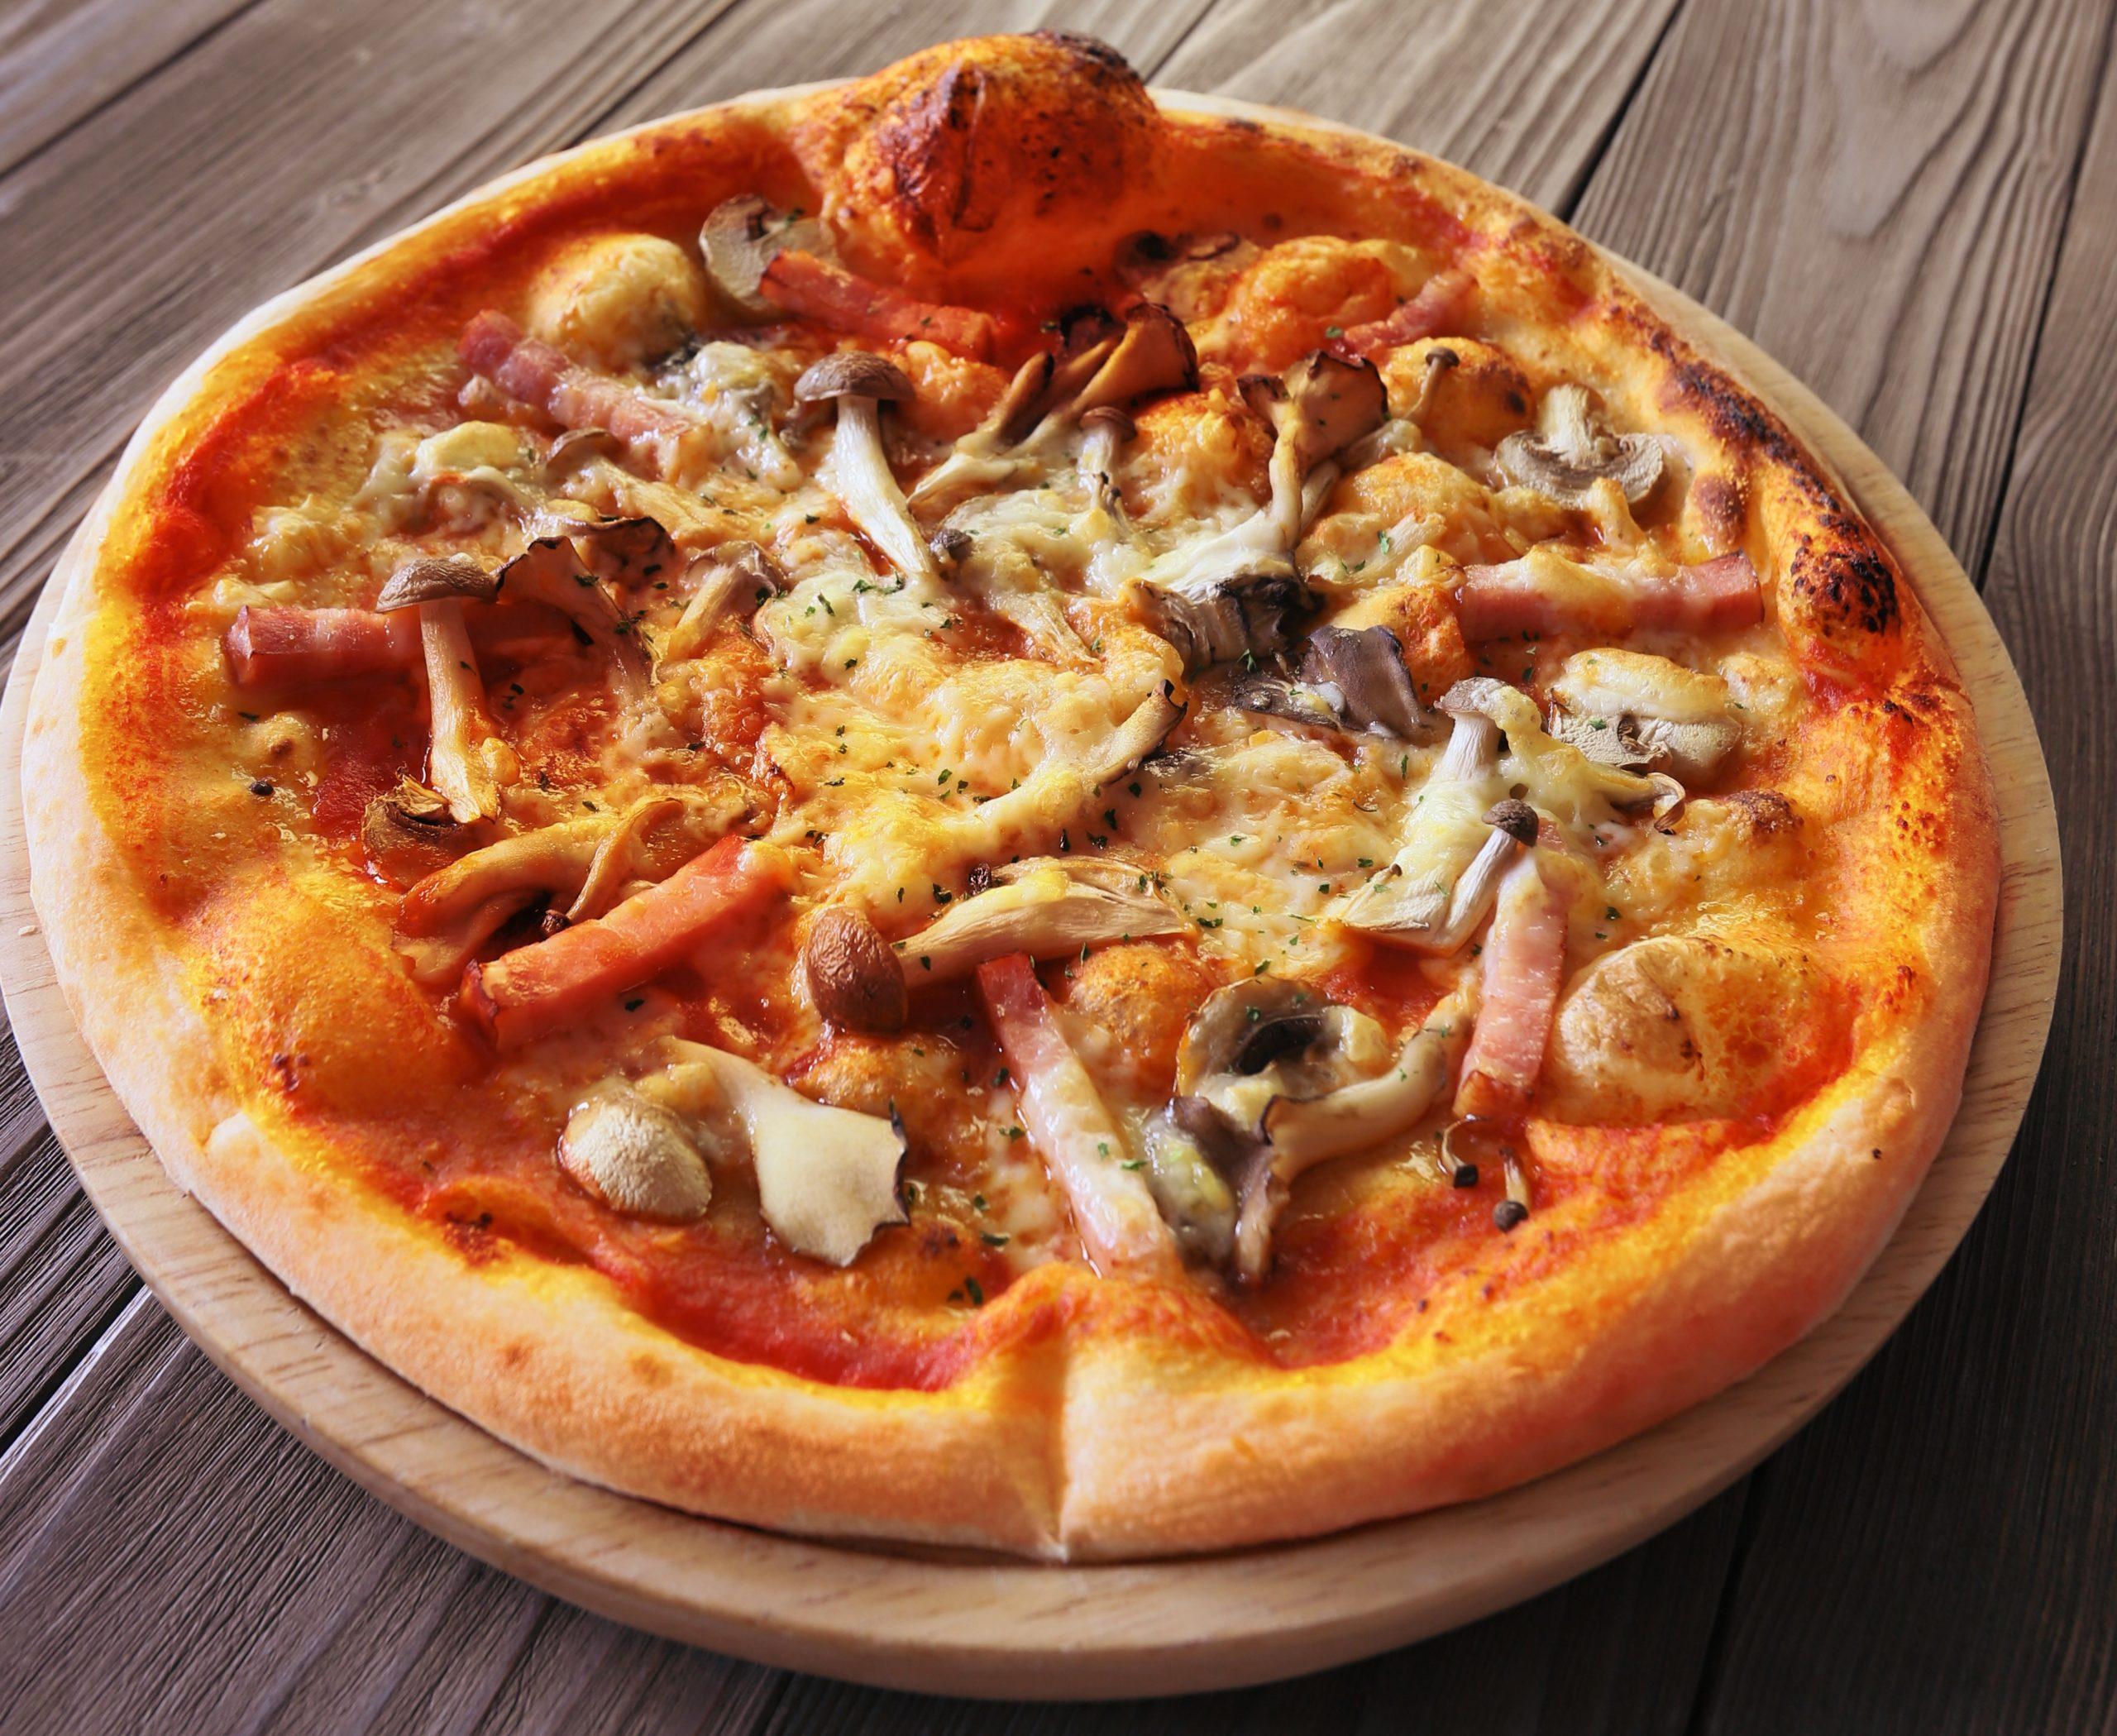 ボスカイオーラピザ